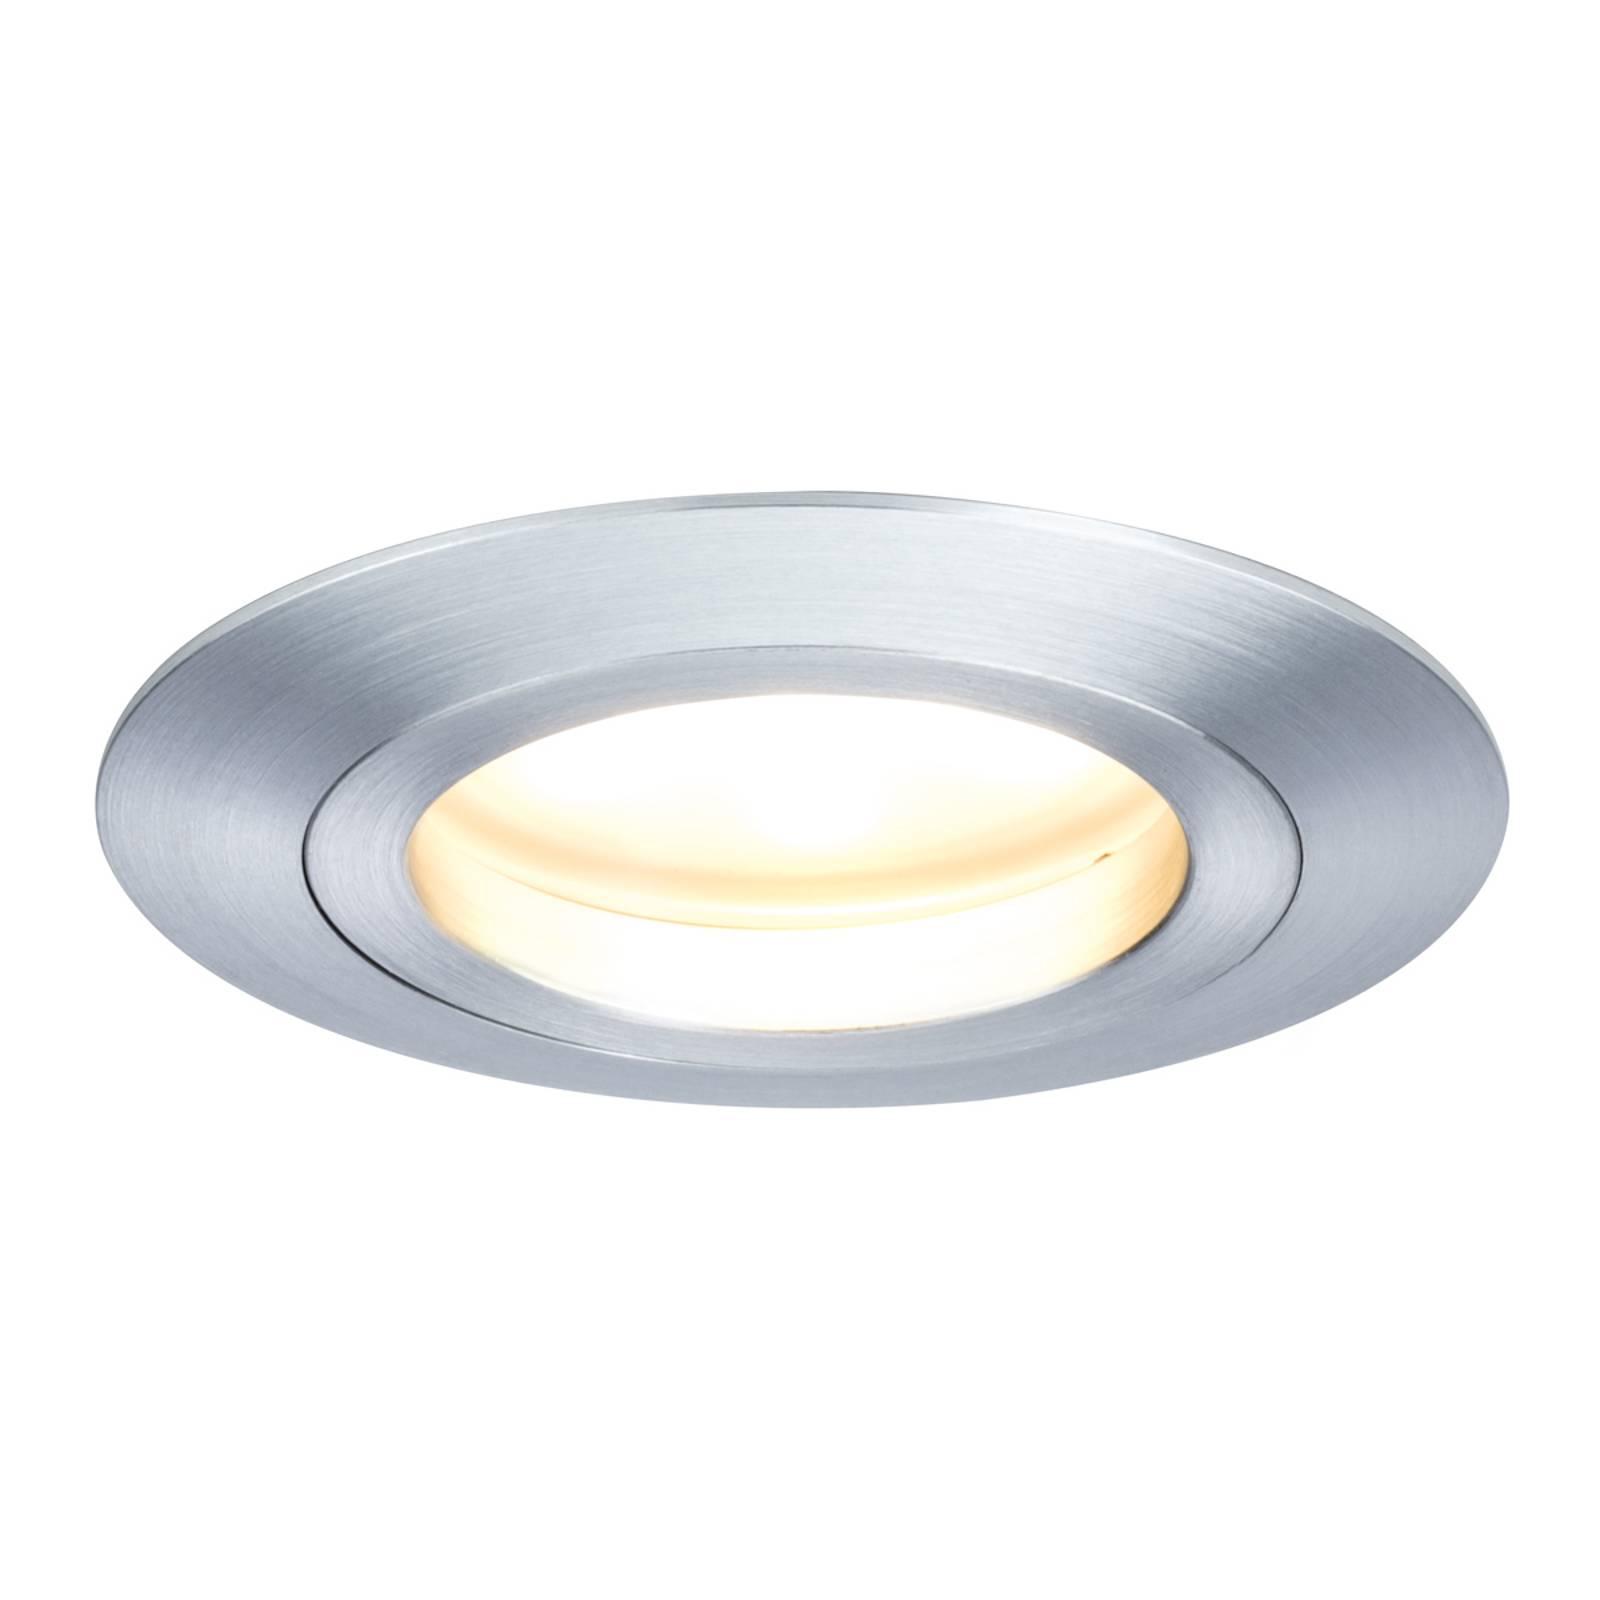 Alumiininvärinen LED-uppovalaisin Coin pyöreä IP44